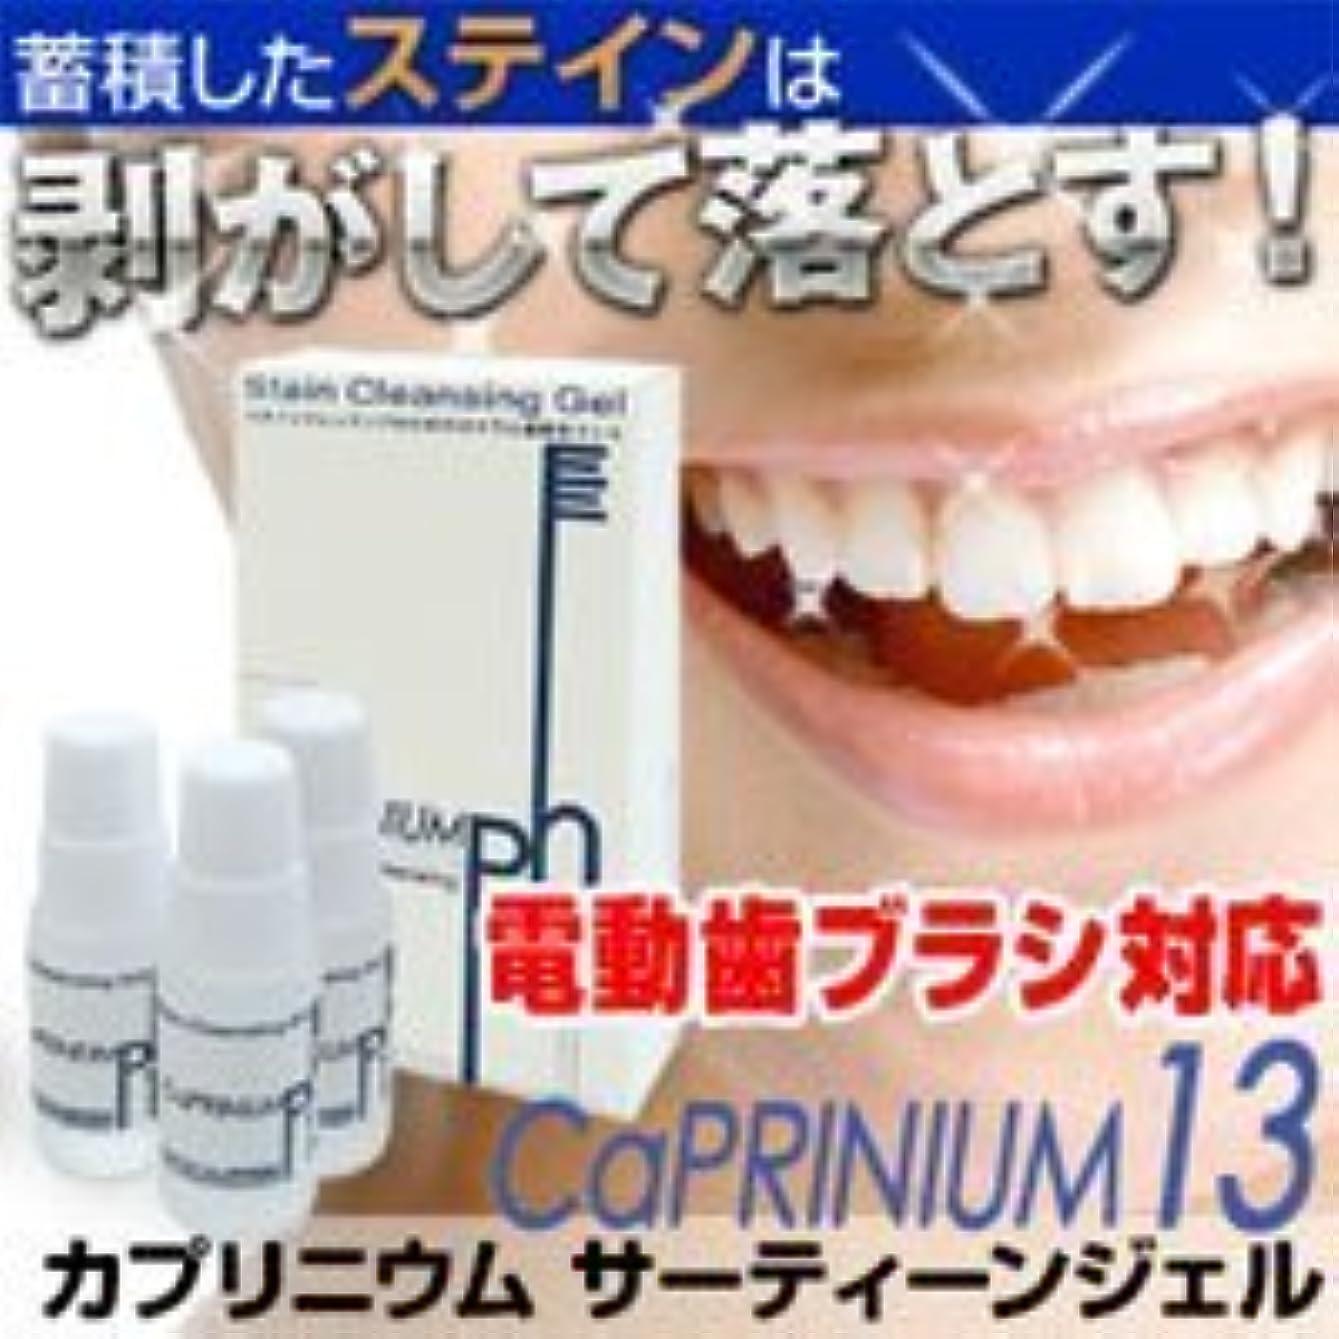 アレンジリスキーな男やもめカプリジェル(カプリニウムサーティーンジェル)10g×3個(1か月分) 電動歯ブラシ対応歯磨きジェル